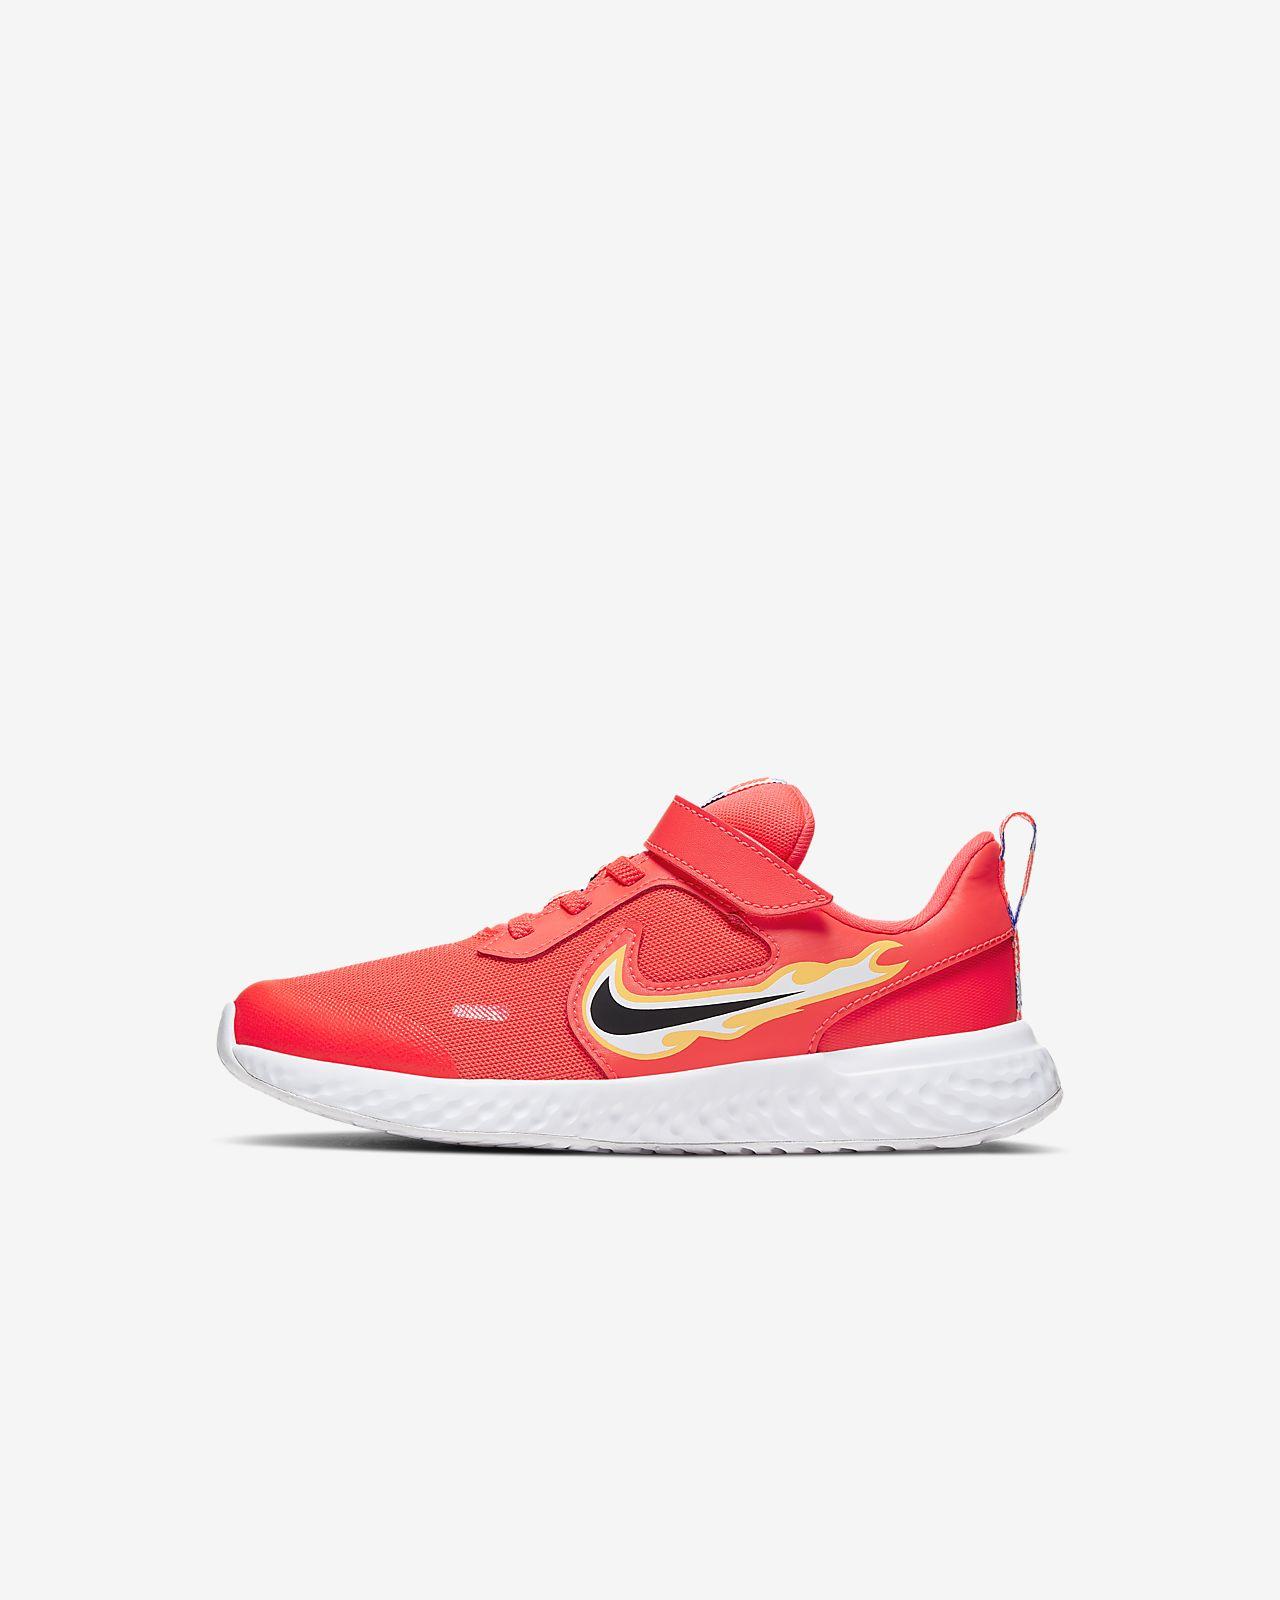 Buty dla małych dzieci Nike Revolution 5 Fire